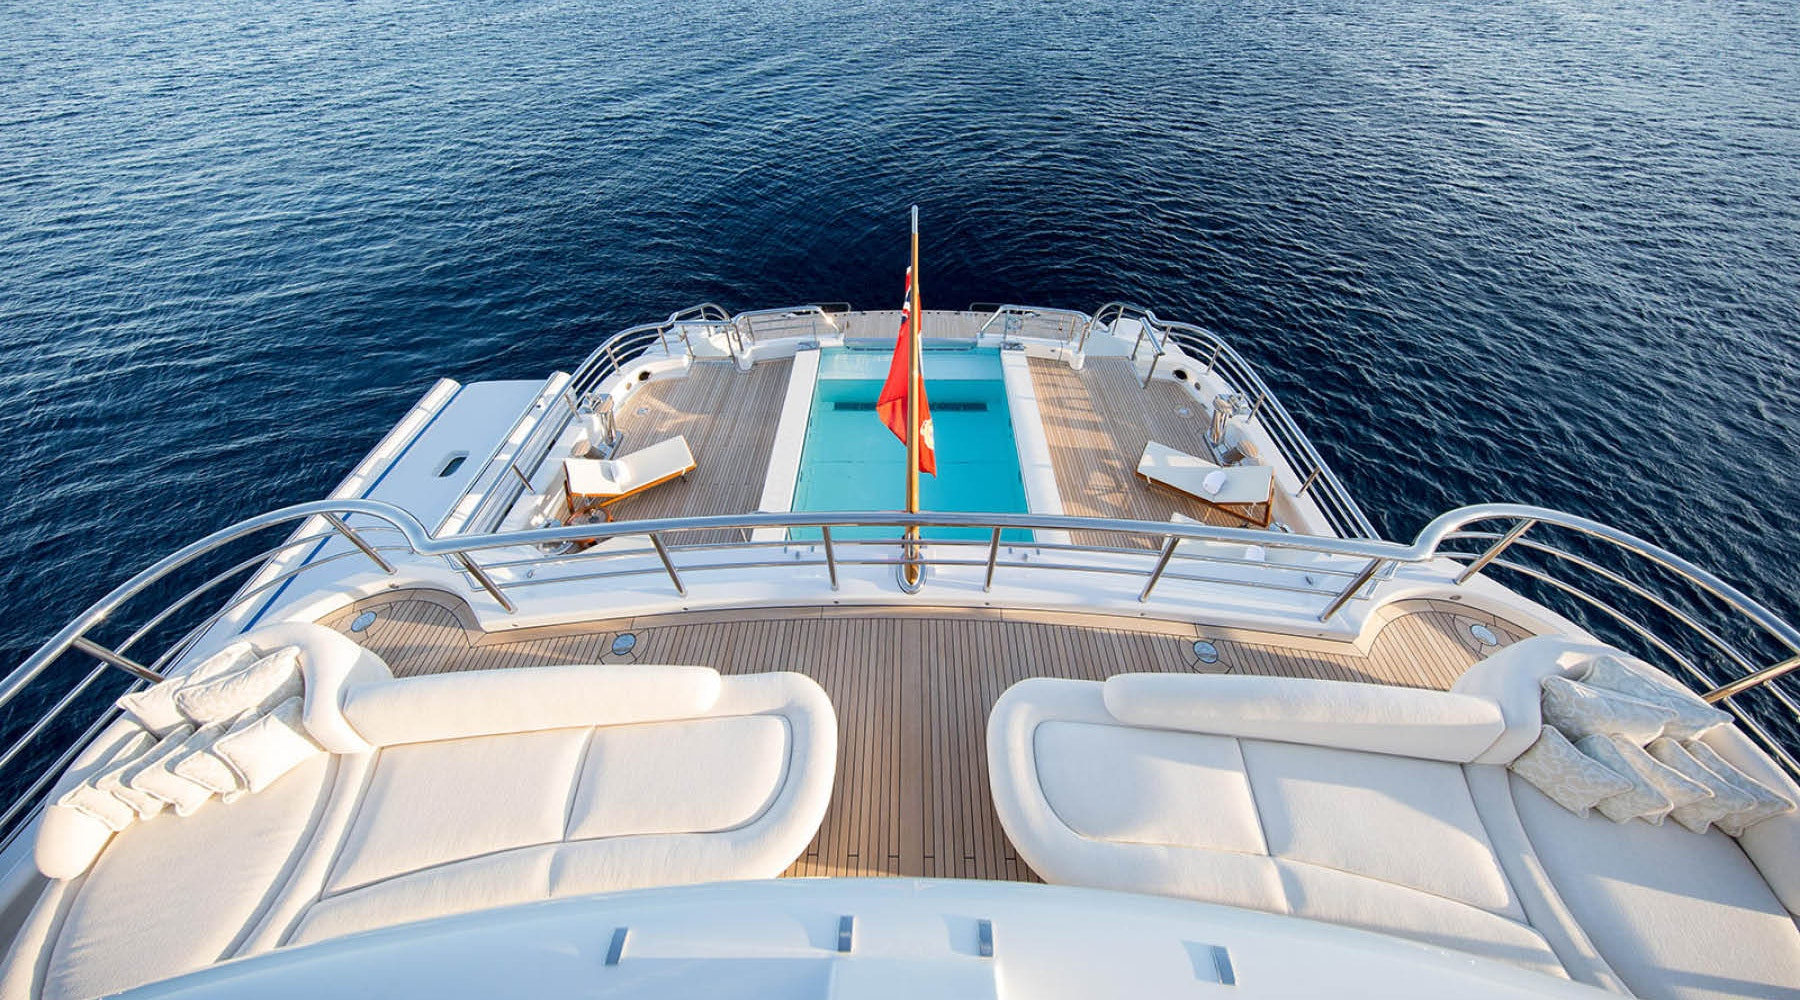 Redna Yachts Plvs-5